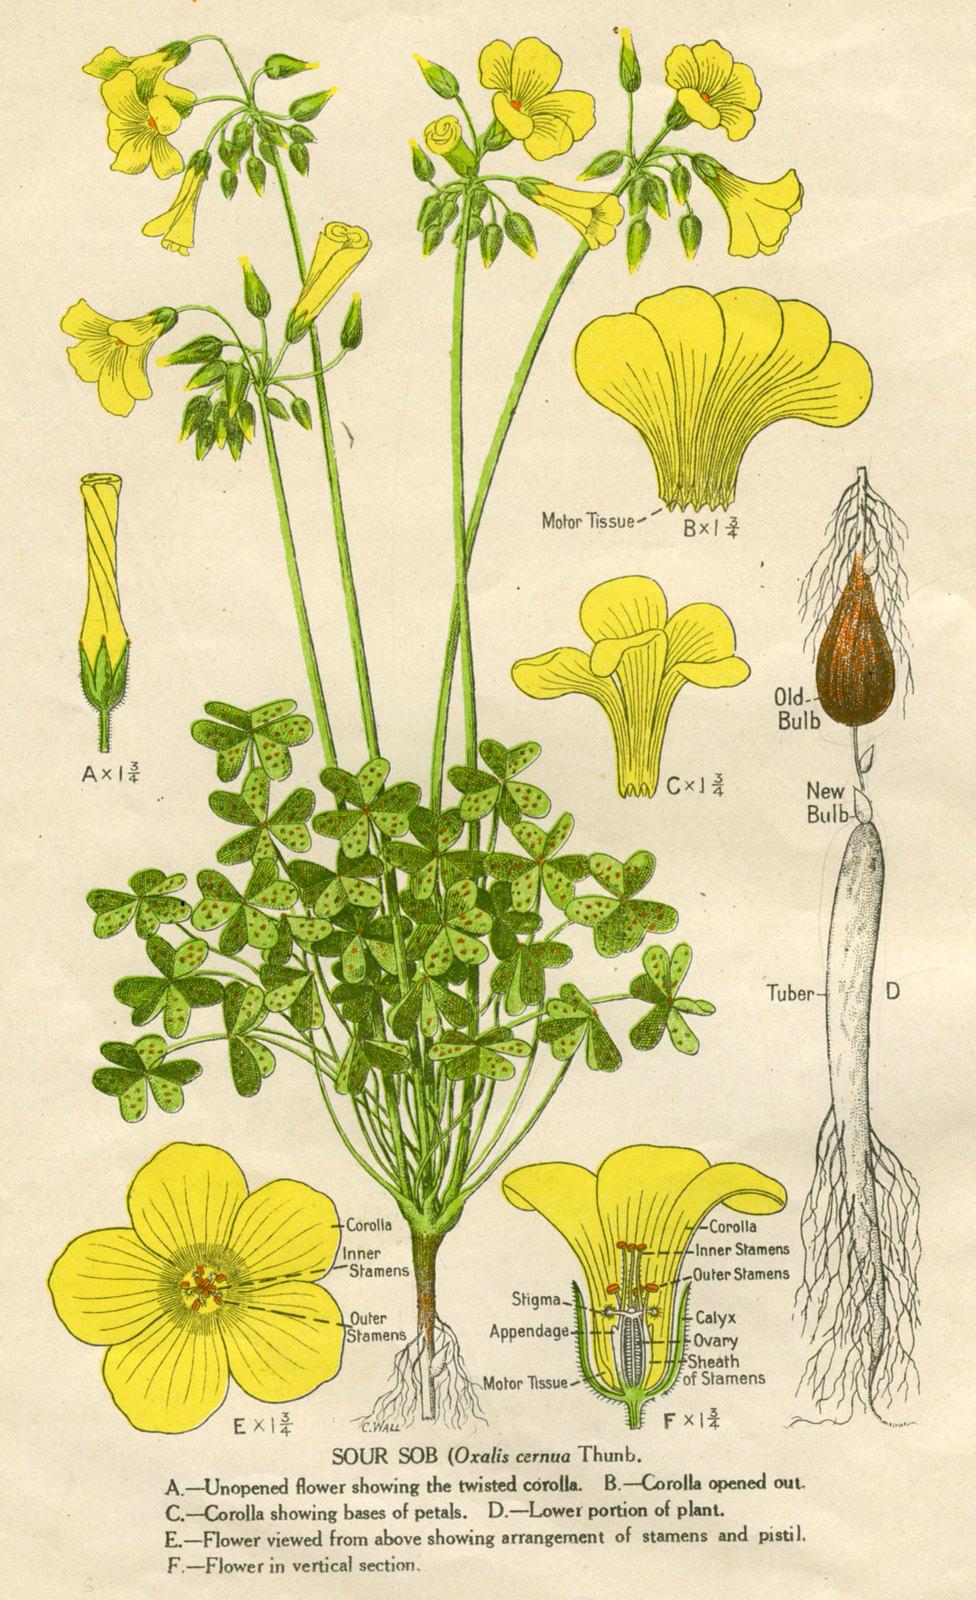 soursob (Oxalis pes-caprae)